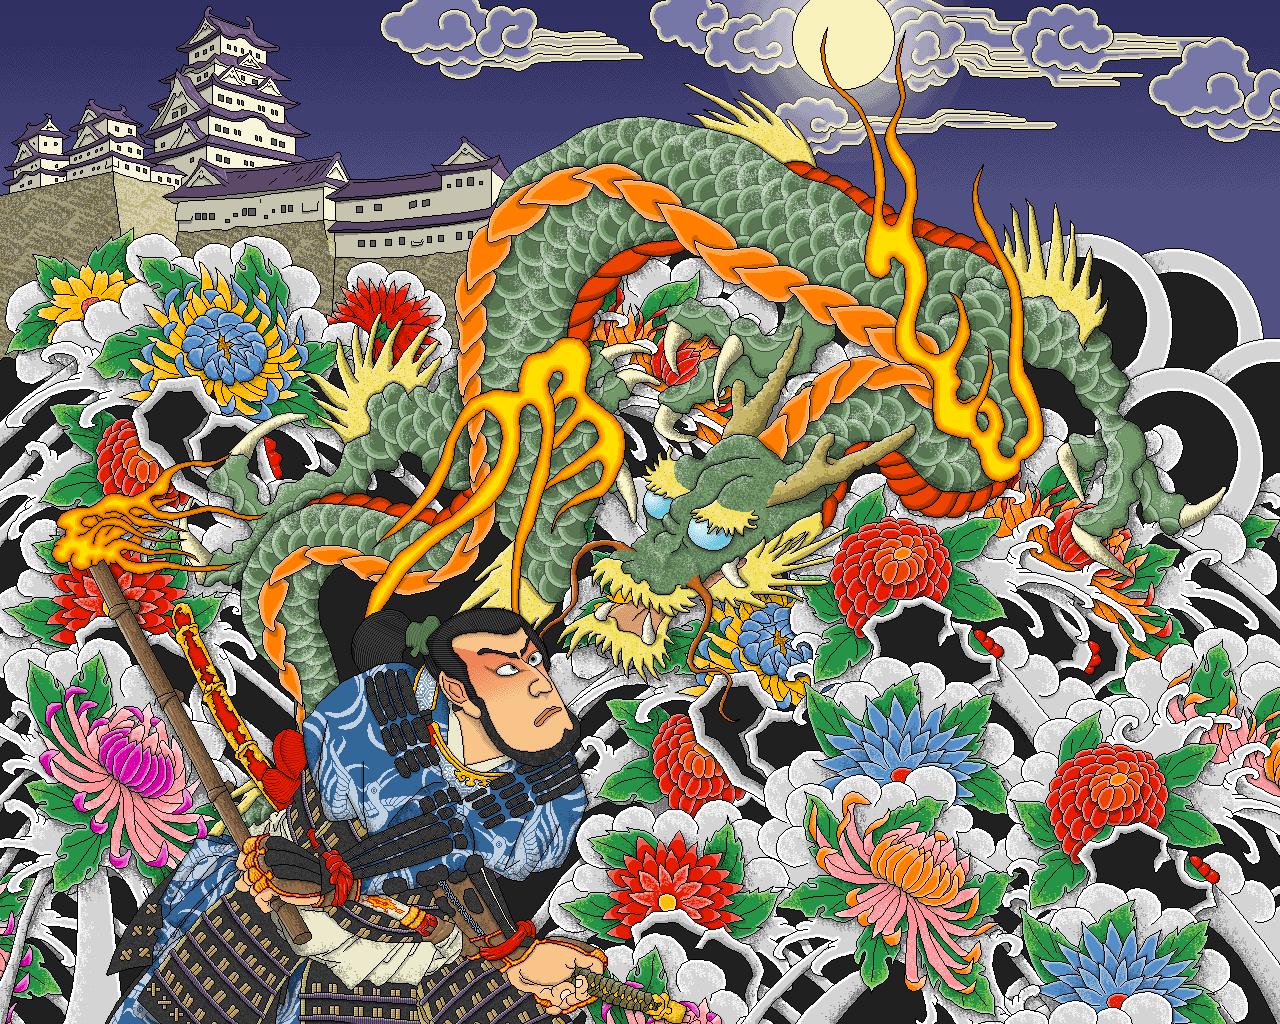 Yakuza Irezumi by kyodai on deviantART